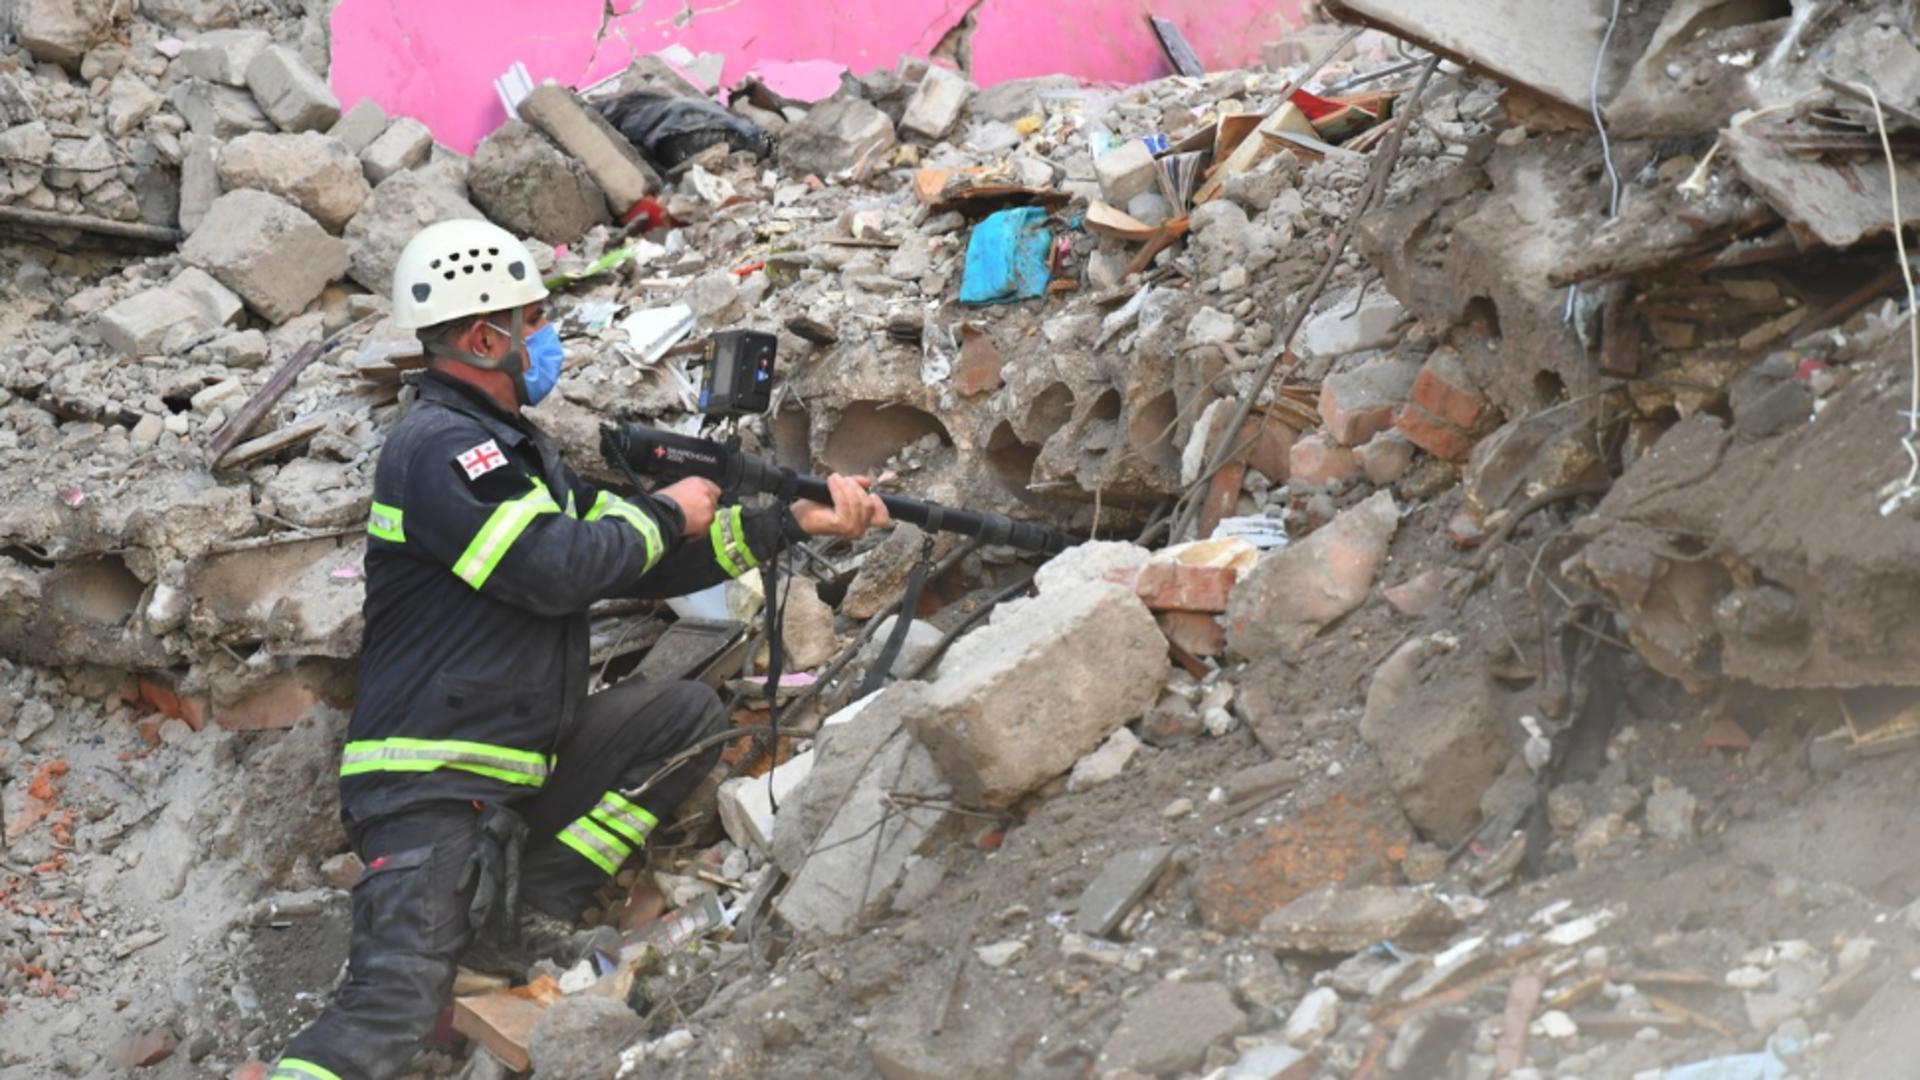 Doliu național în Georgia după prăbușirea unei clădiri la Batumi. Sursa foto: Profi Media